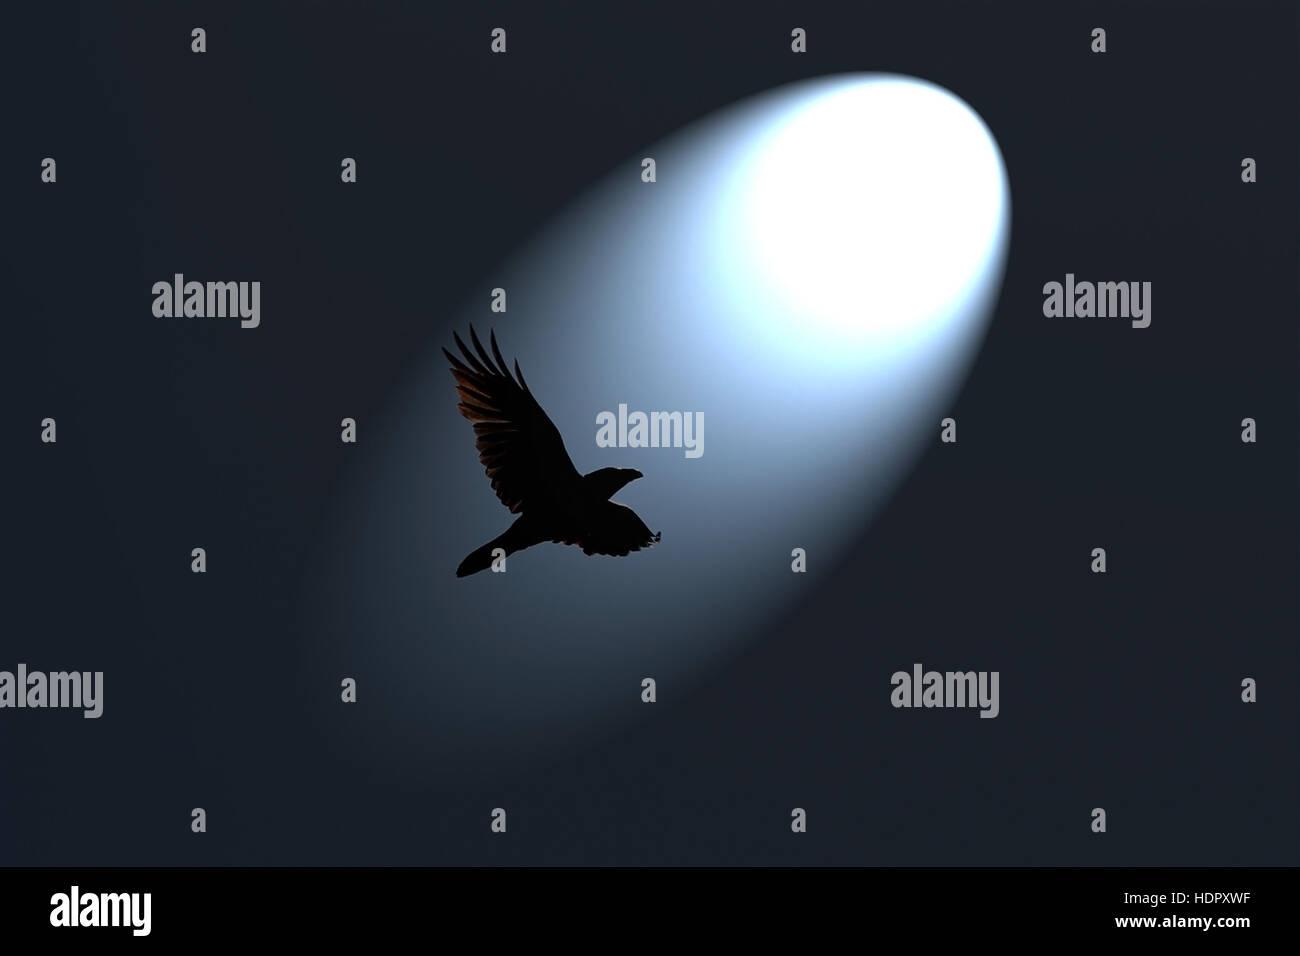 Mysterious Black Raven flying in spotlight against dark background. - Stock Image